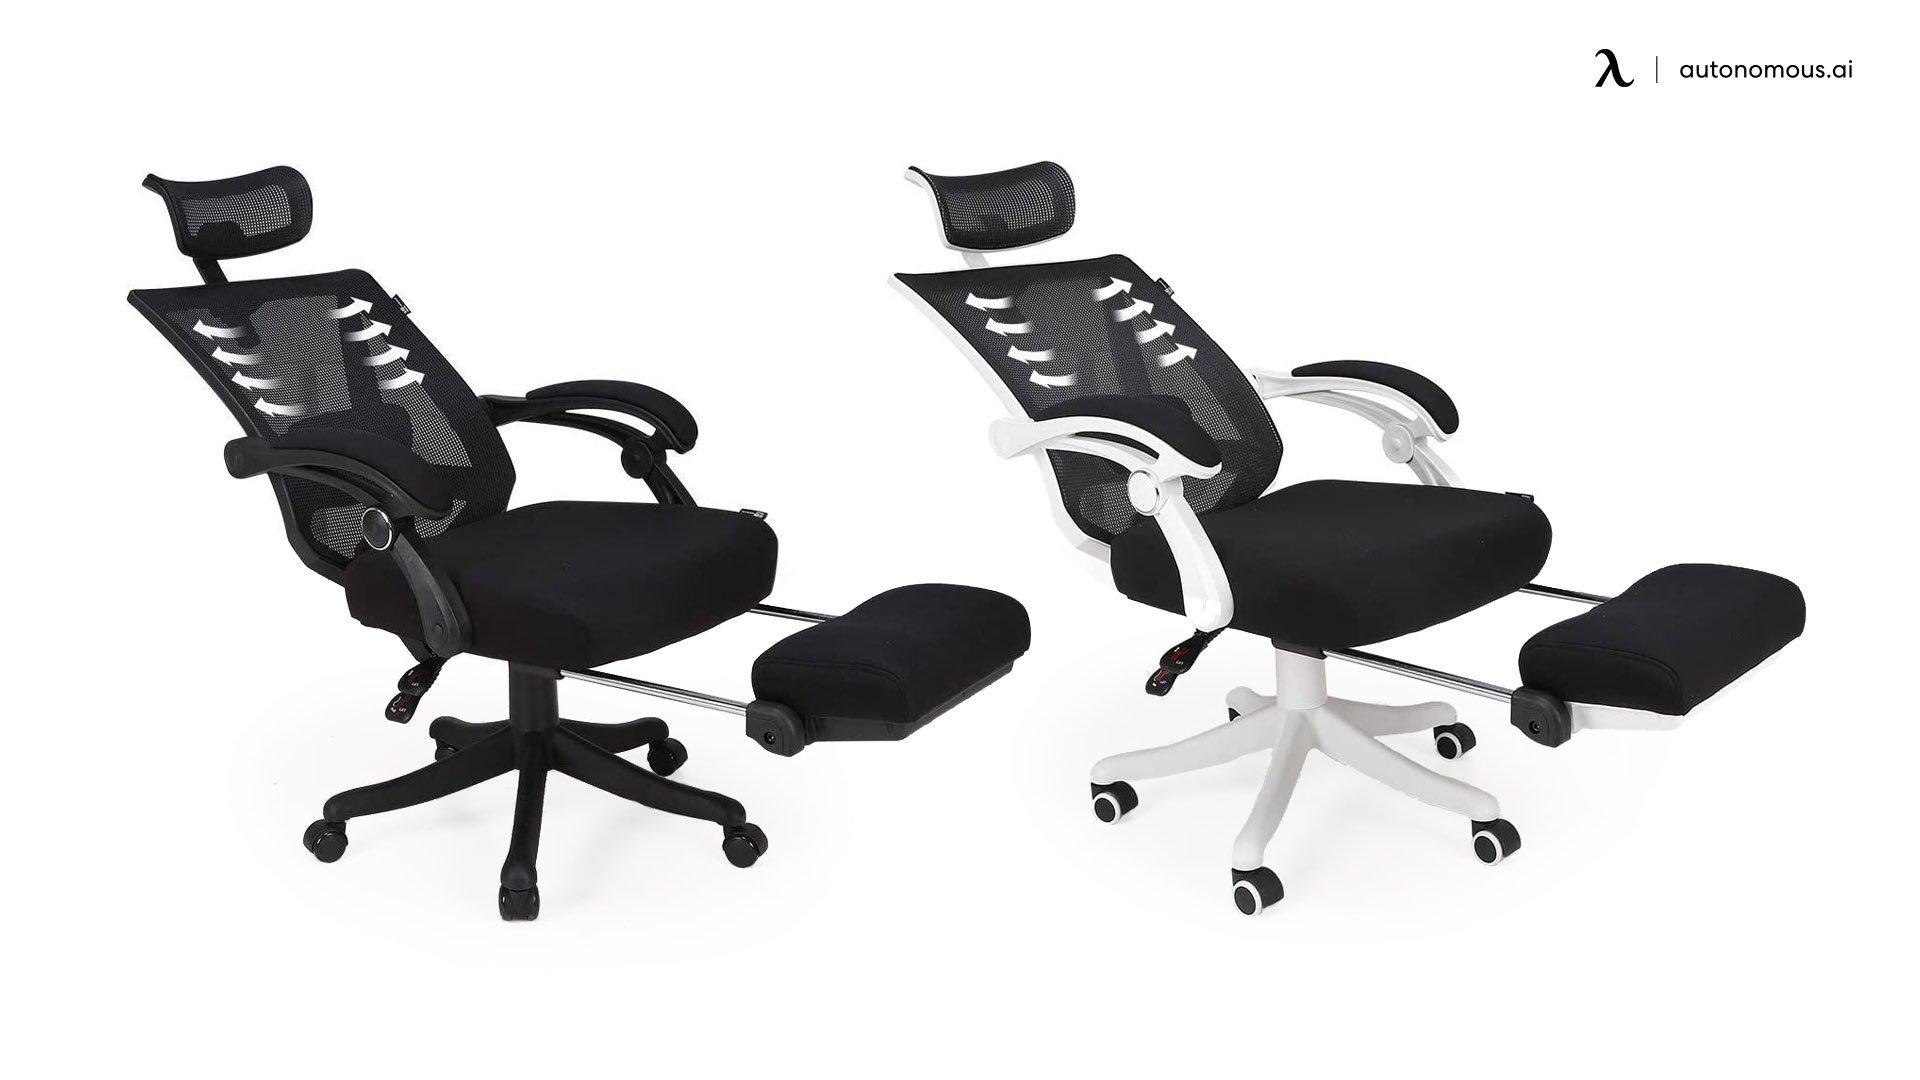 Hbada Reclining Ergonomic Chair